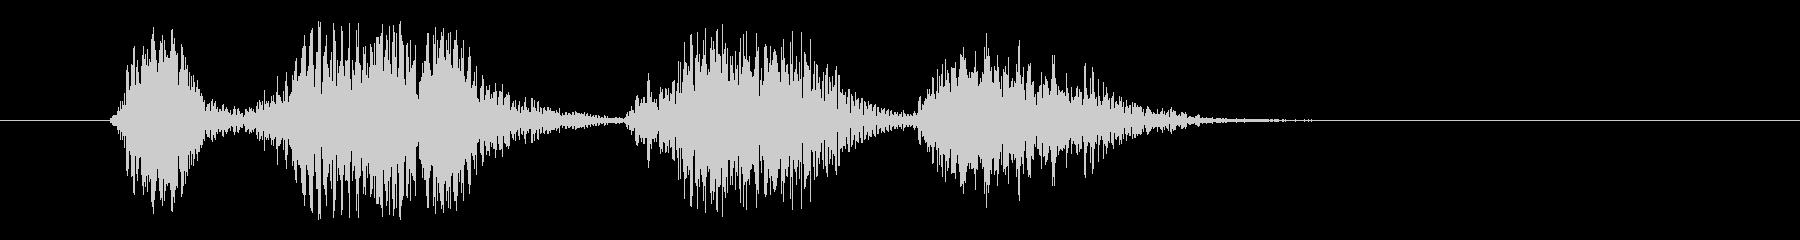 コンピューター、男性の声:カウント...の未再生の波形